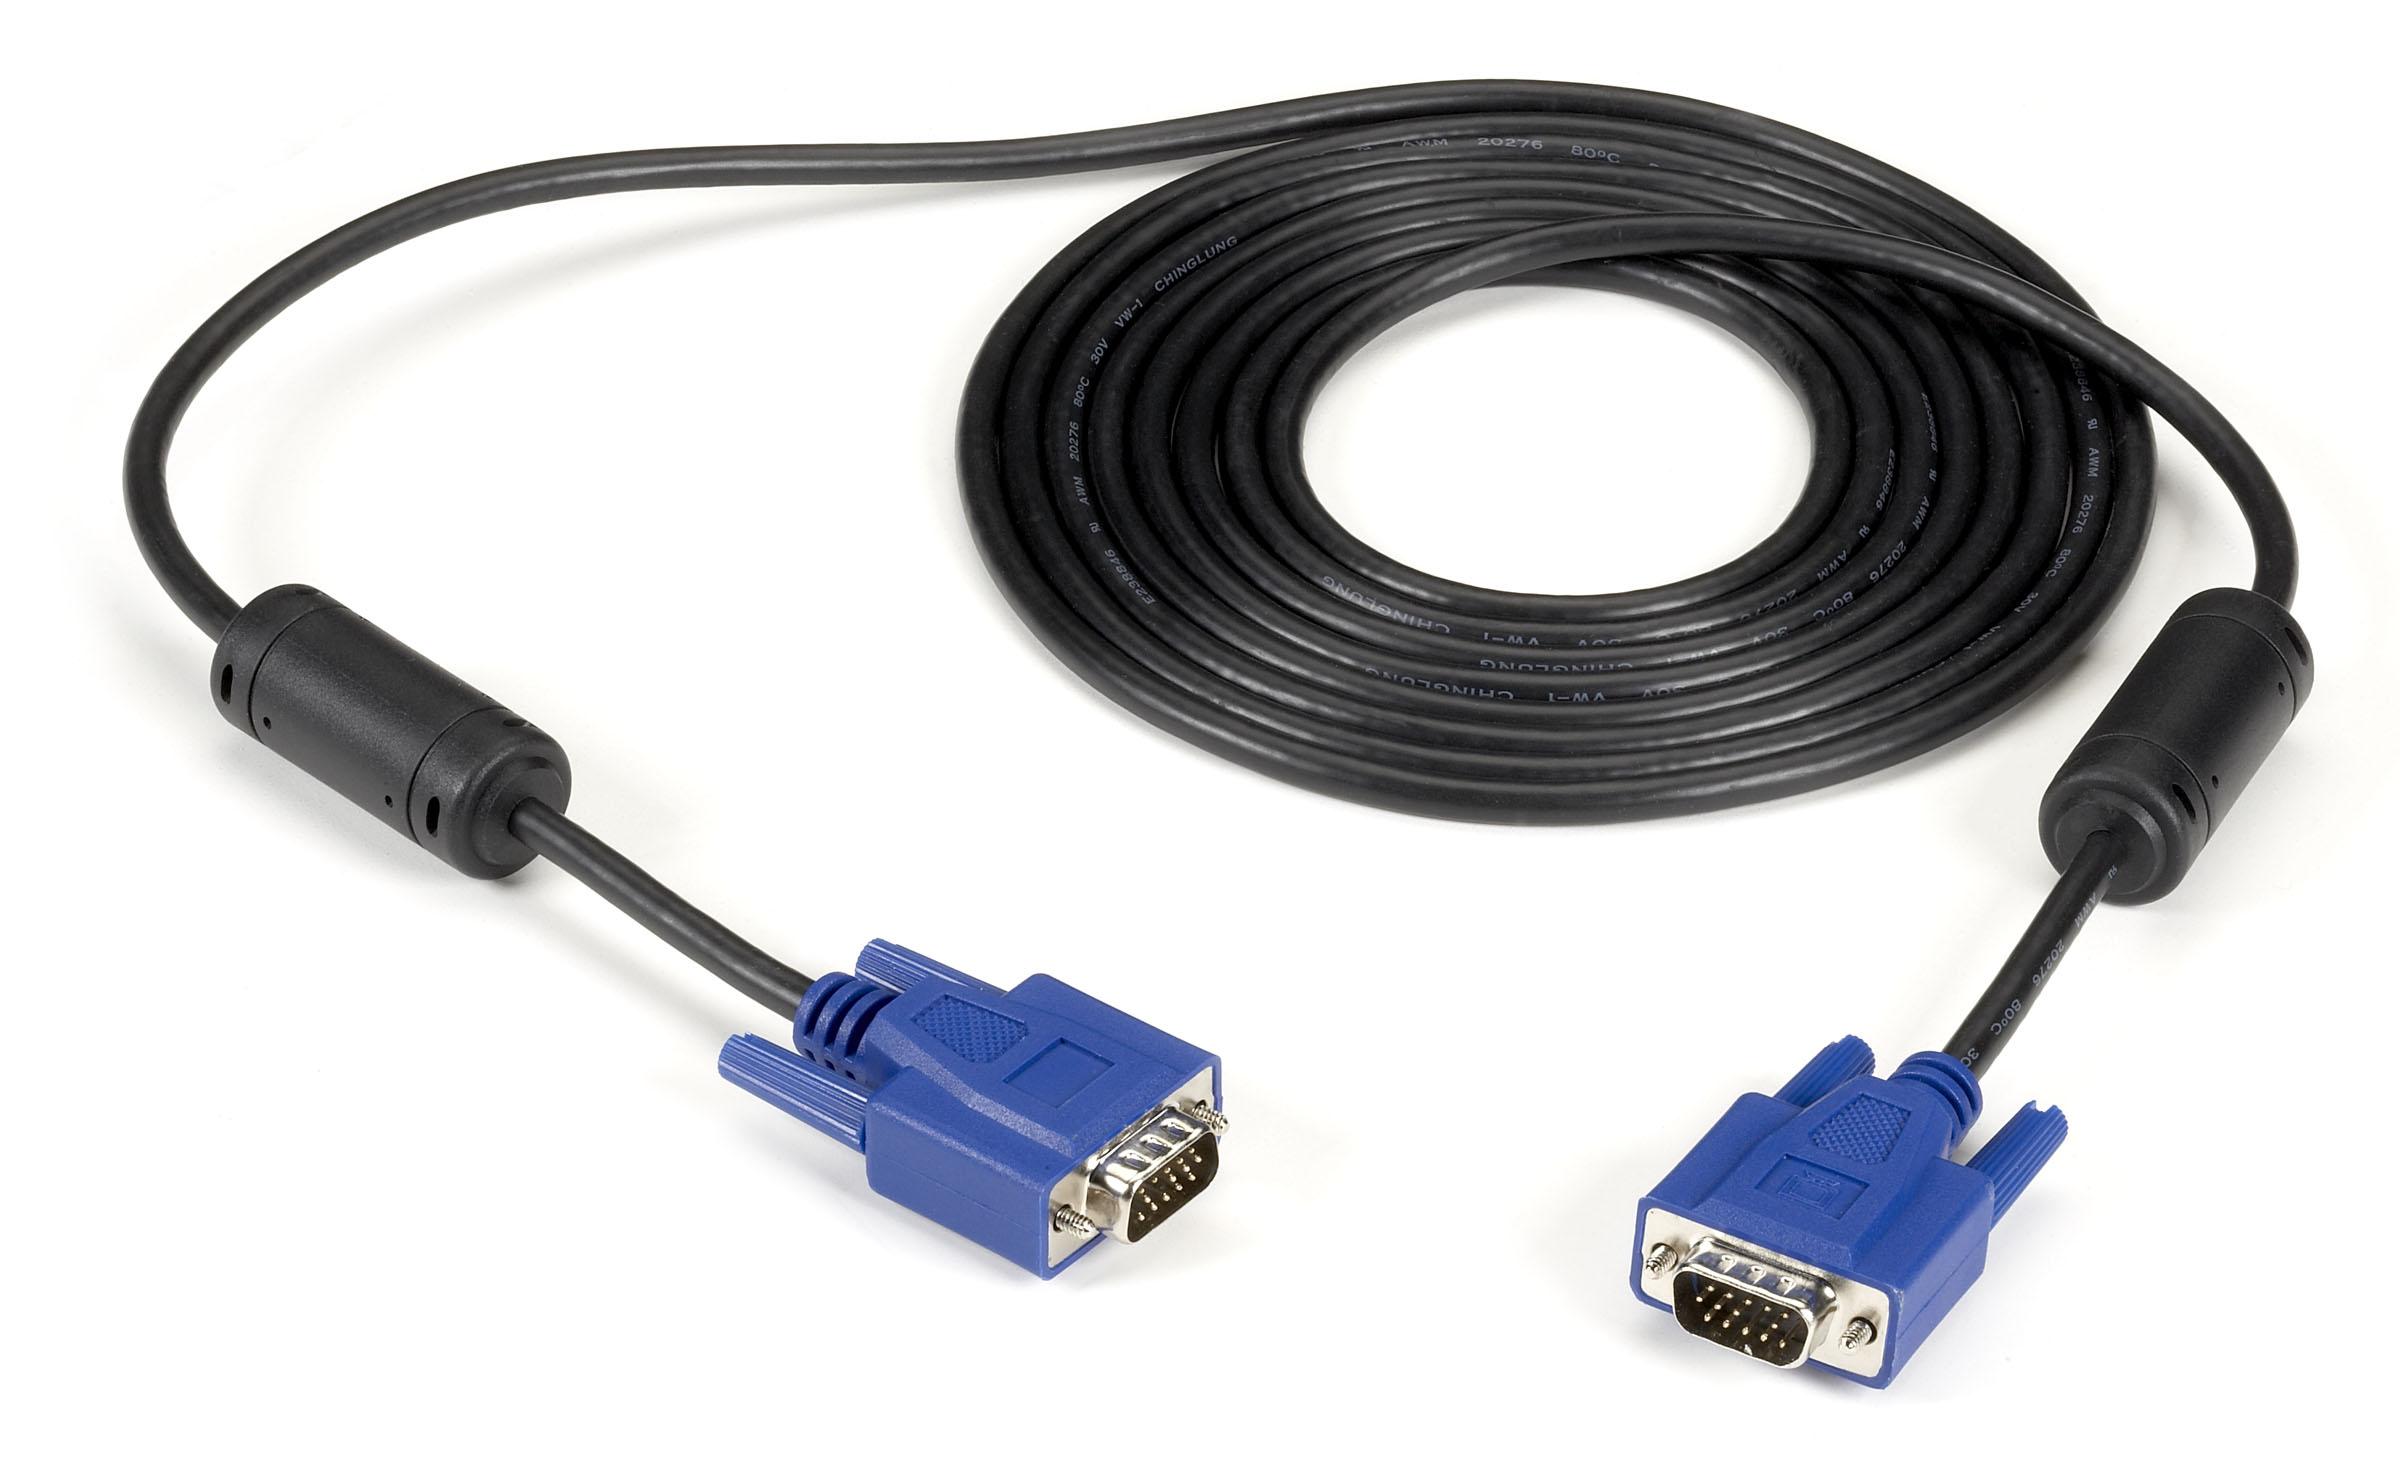 Black Box Network Services Vga Video Cable With Ferrite Core Male//